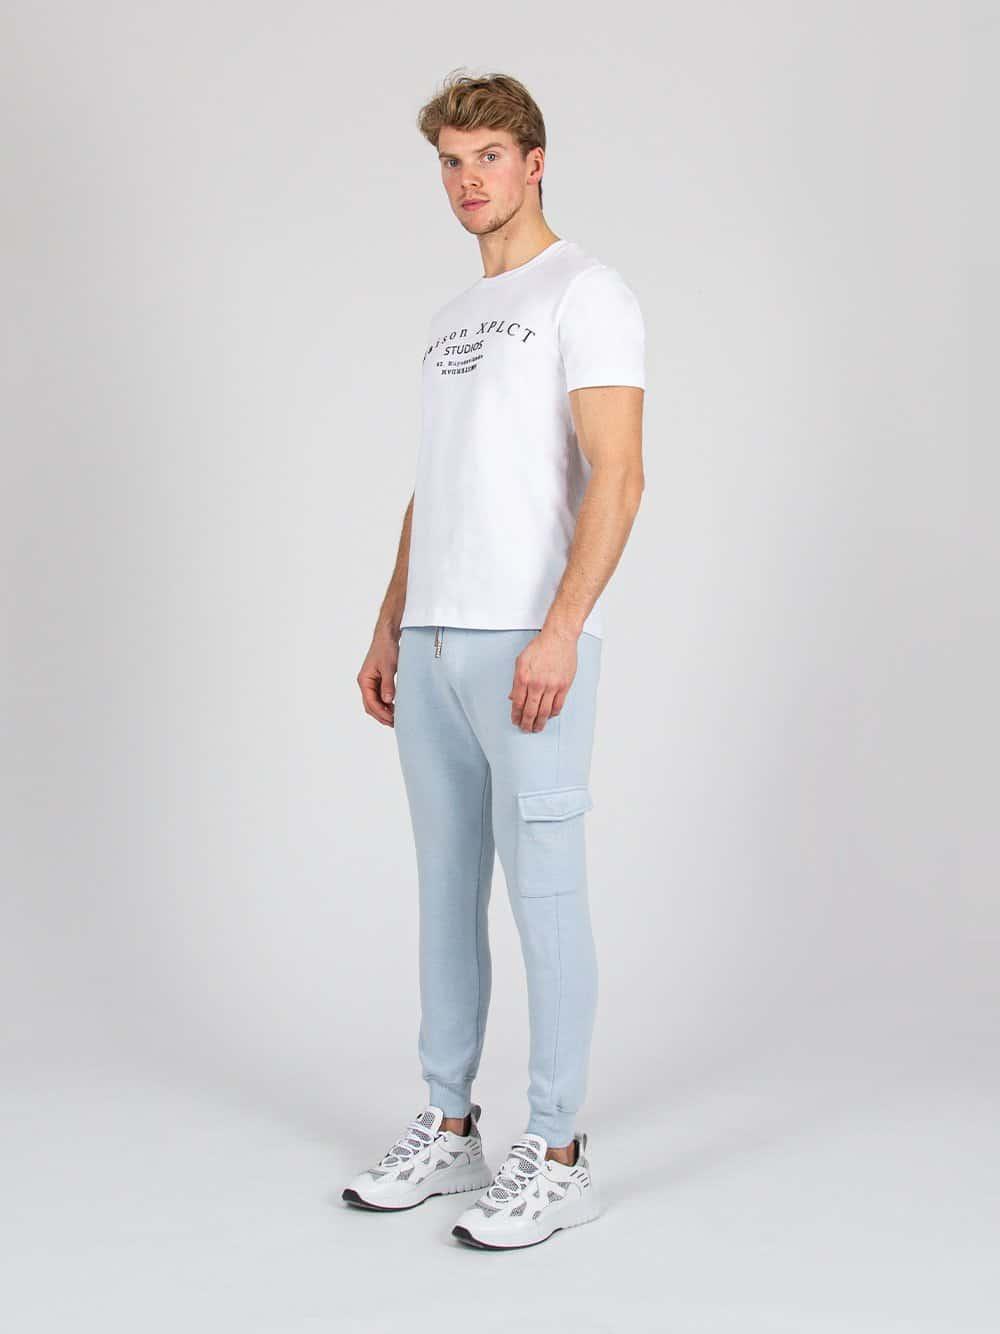 White Tee Studio XPLCT - wit T-shirt met grote afbeelding op de borst